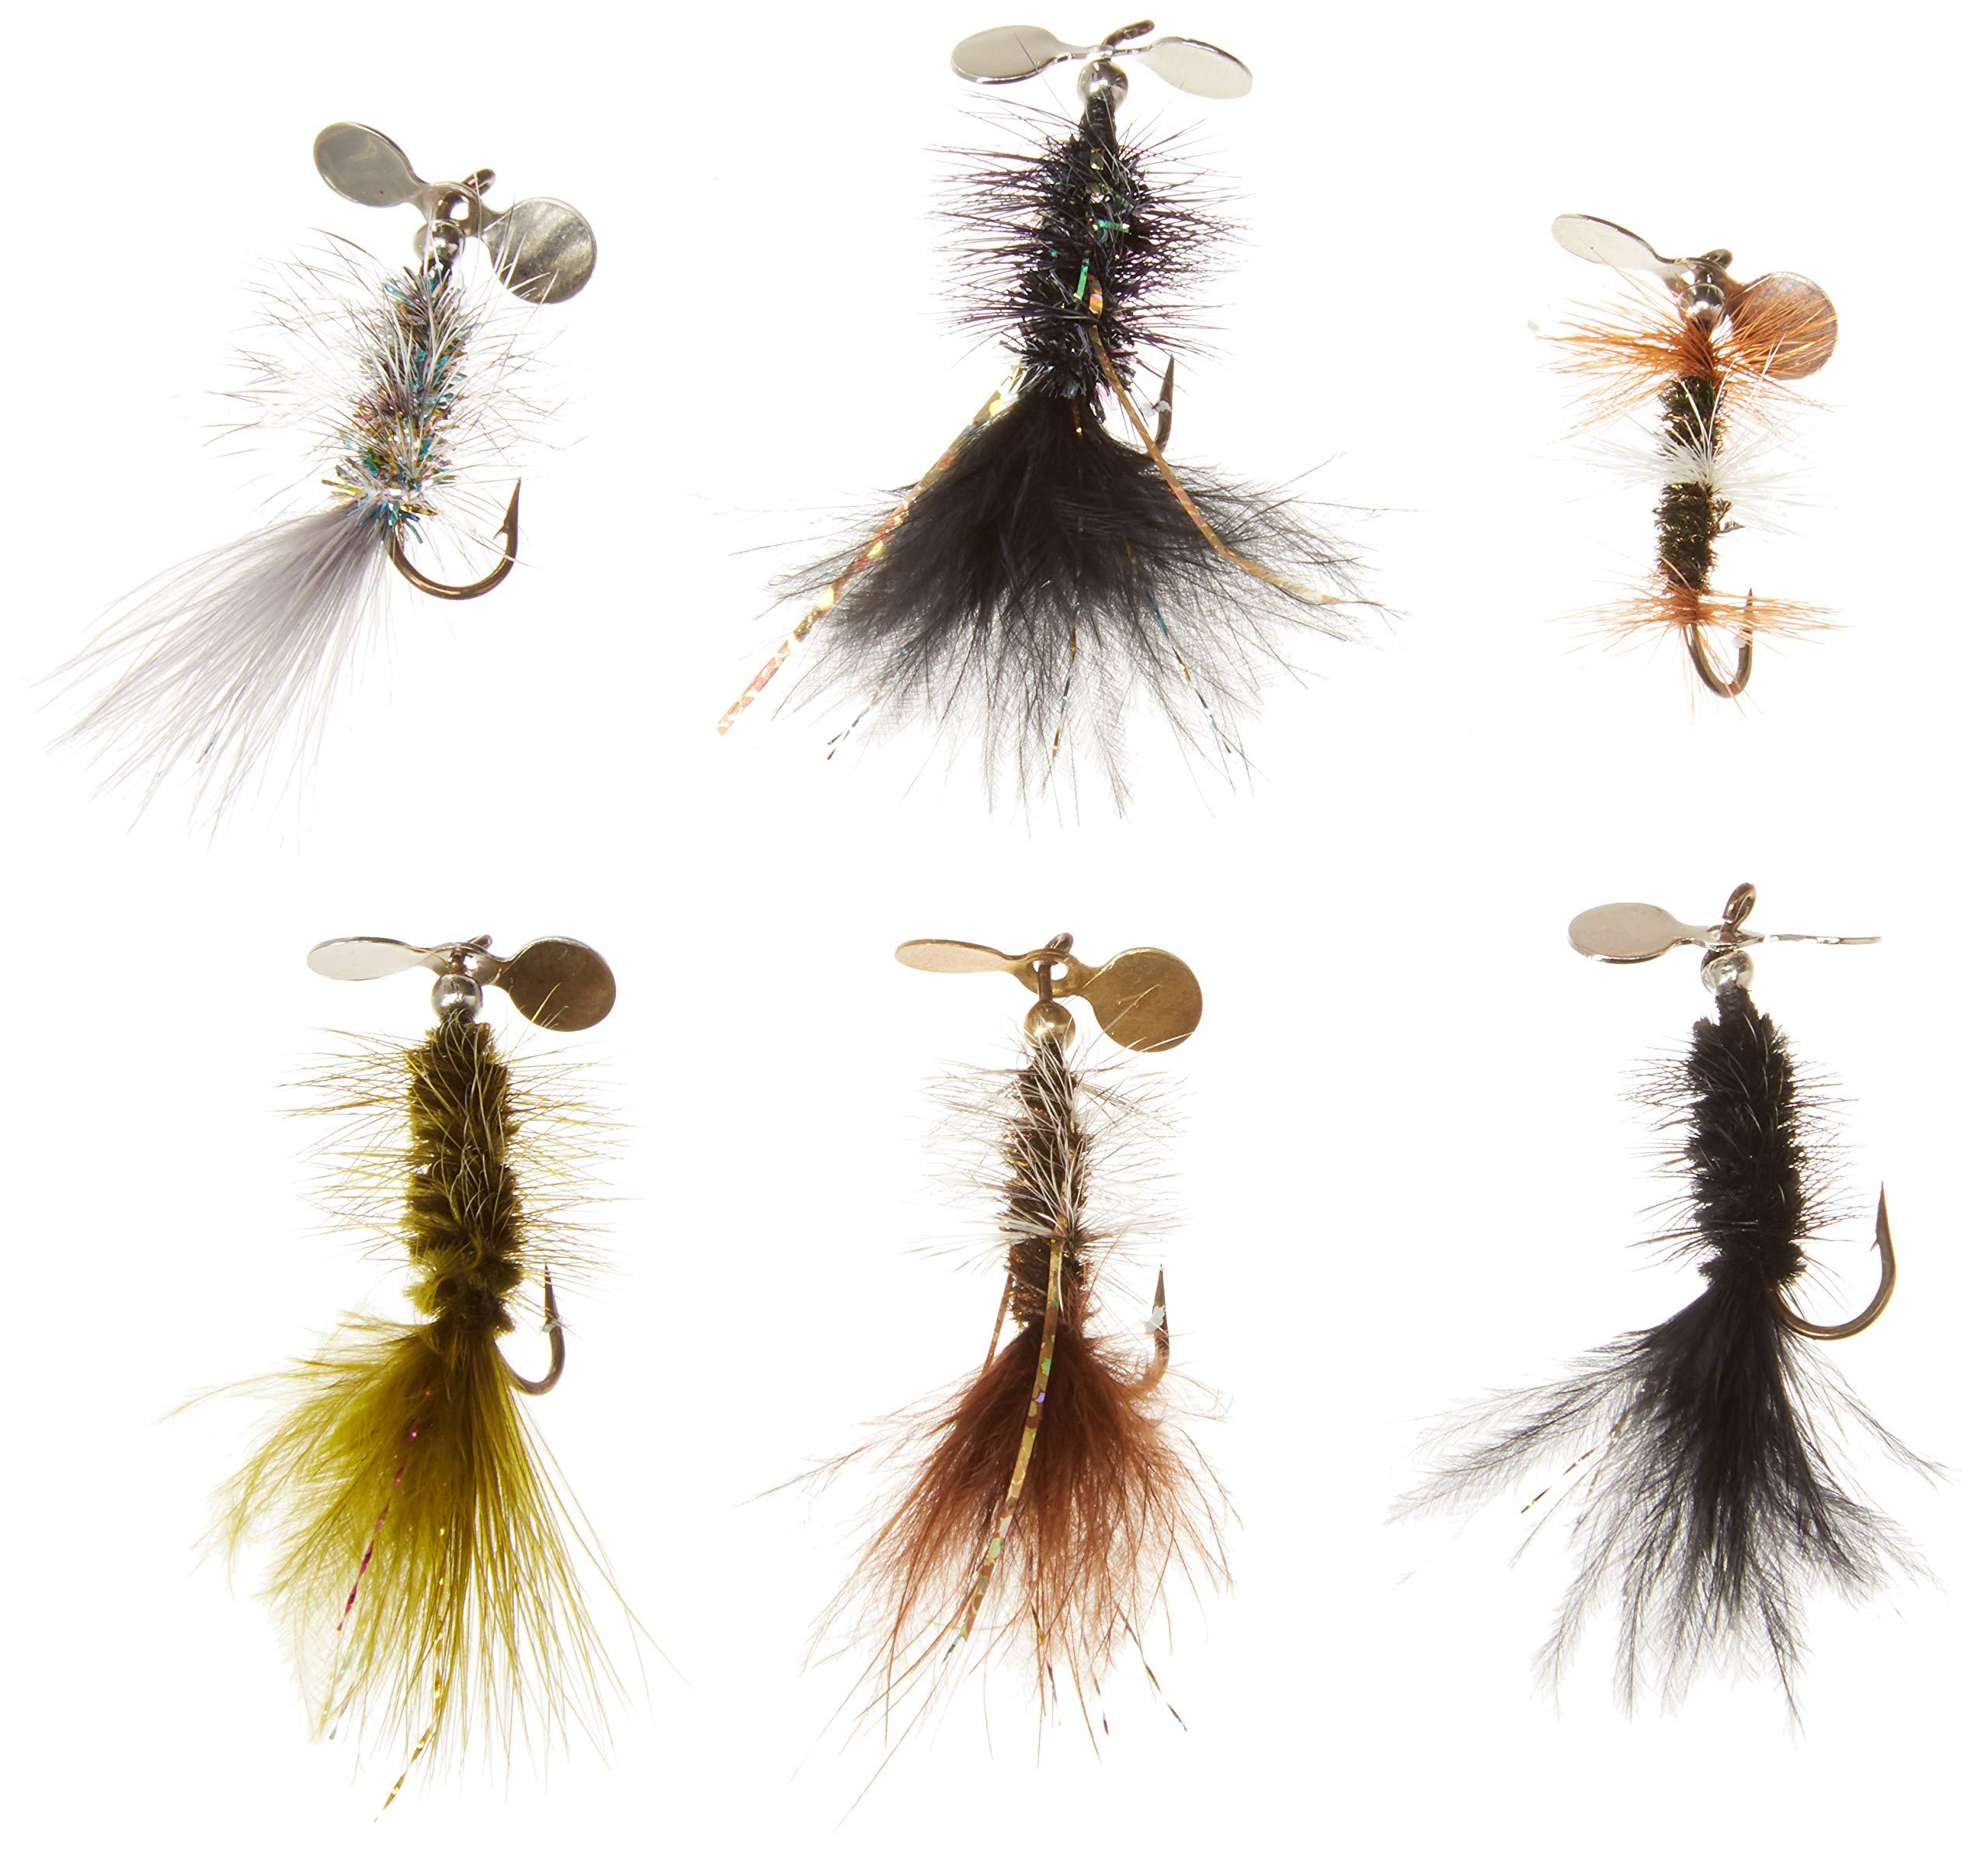 PISTOL Trout Flies (6-Pack)